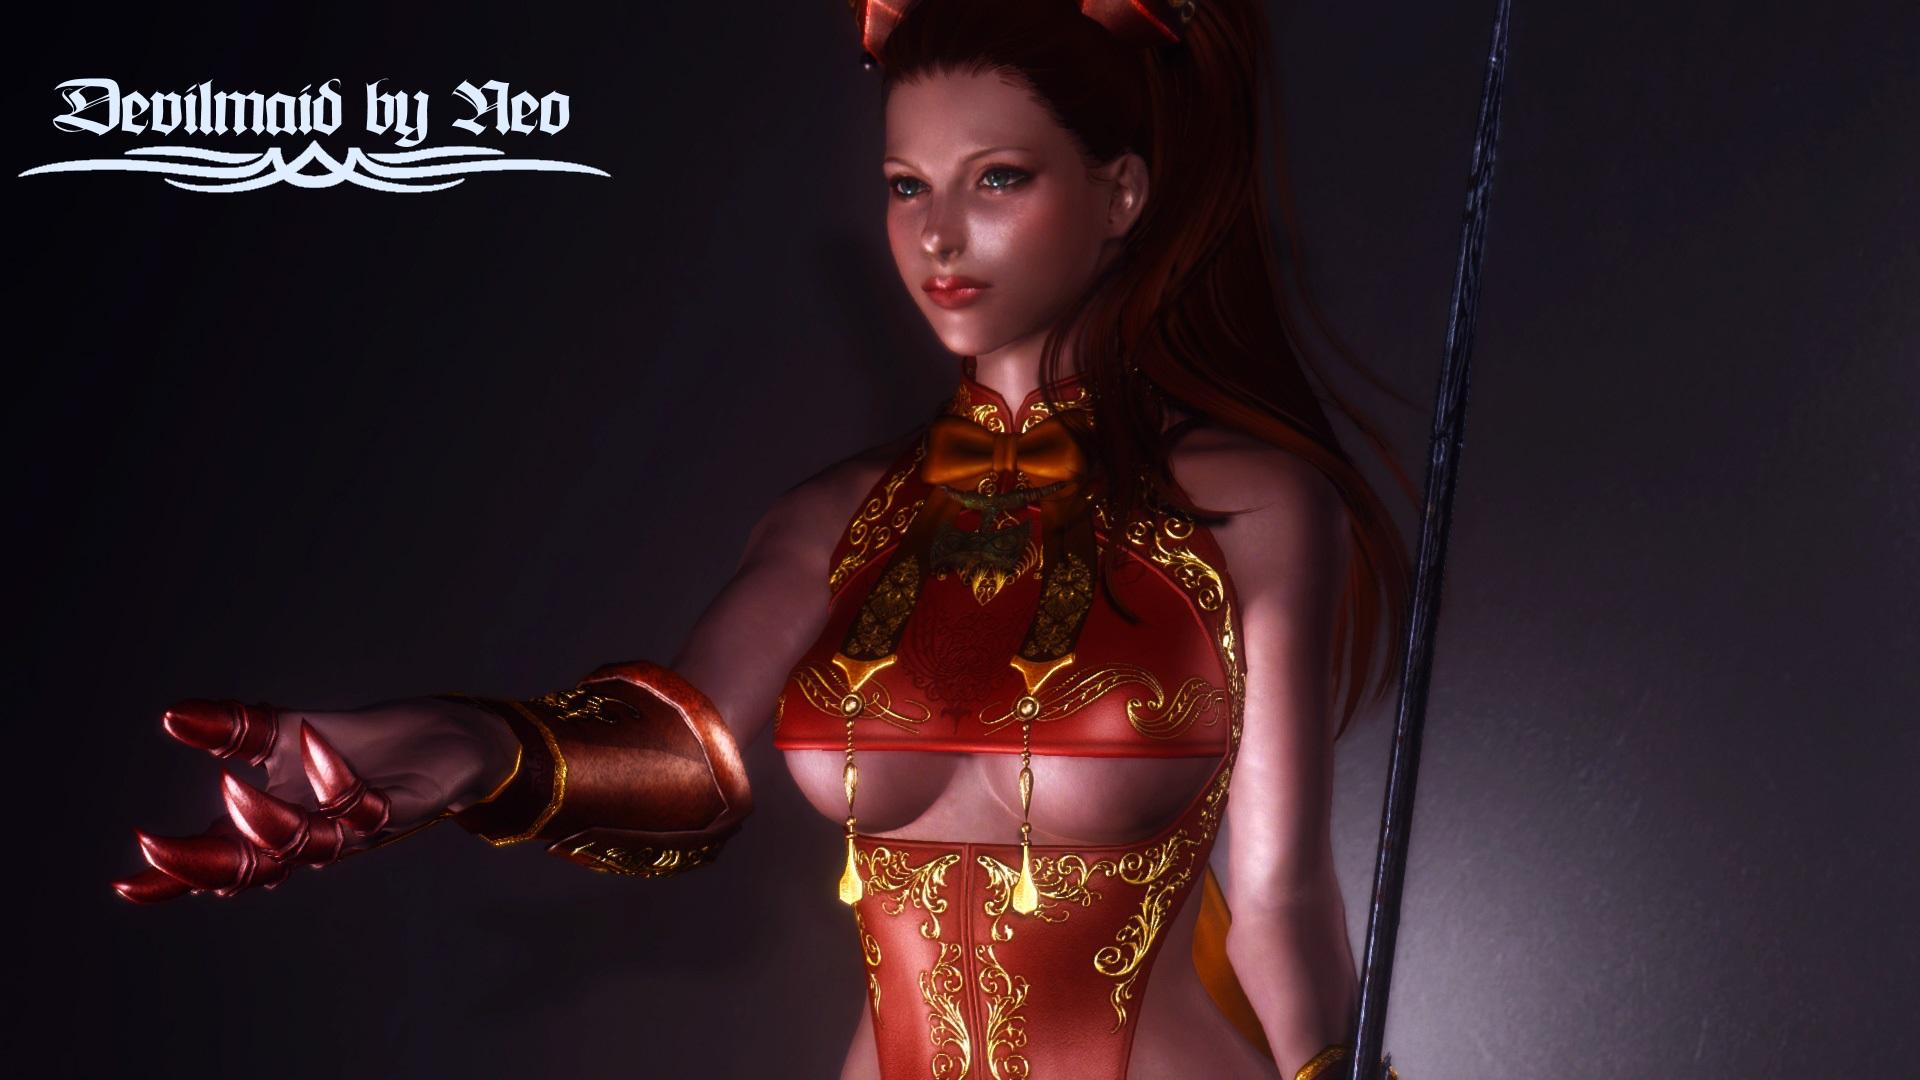 Devilmaid_by_Neo_ver_Public_00.jpg